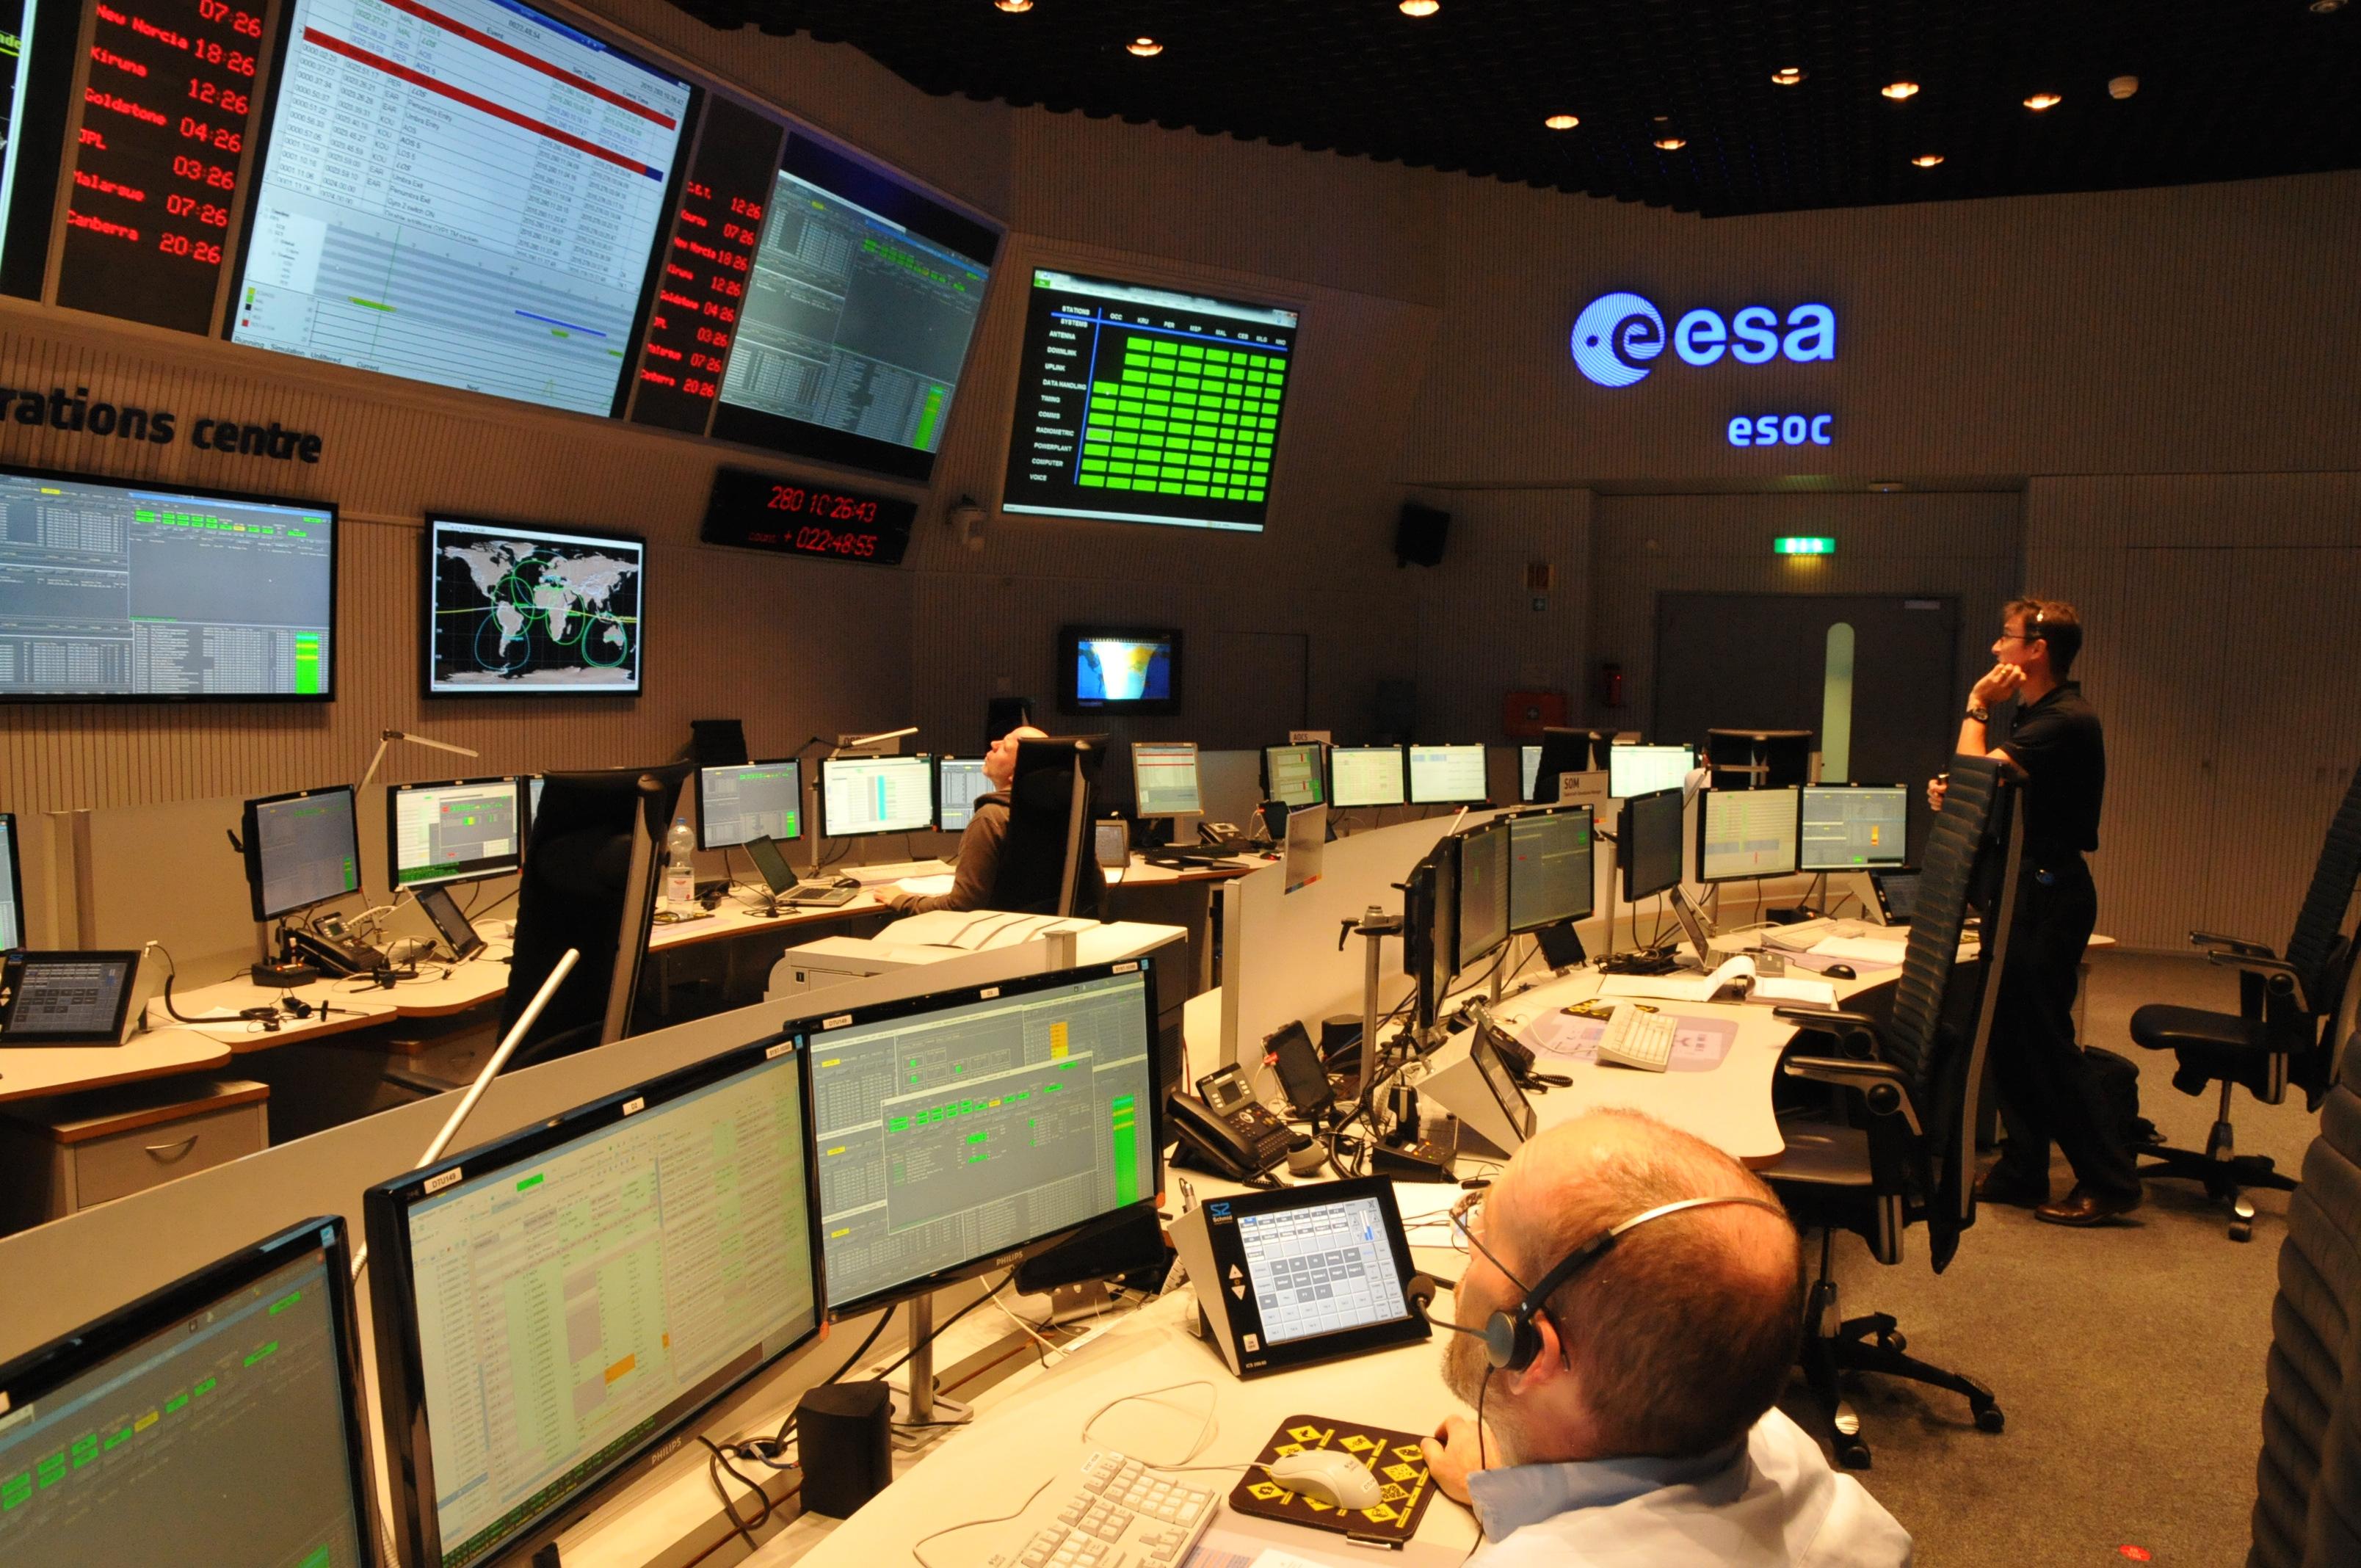 1567215570353-LISA_Pathfinder_Flight_Control_Team_training_ESOC.jpg